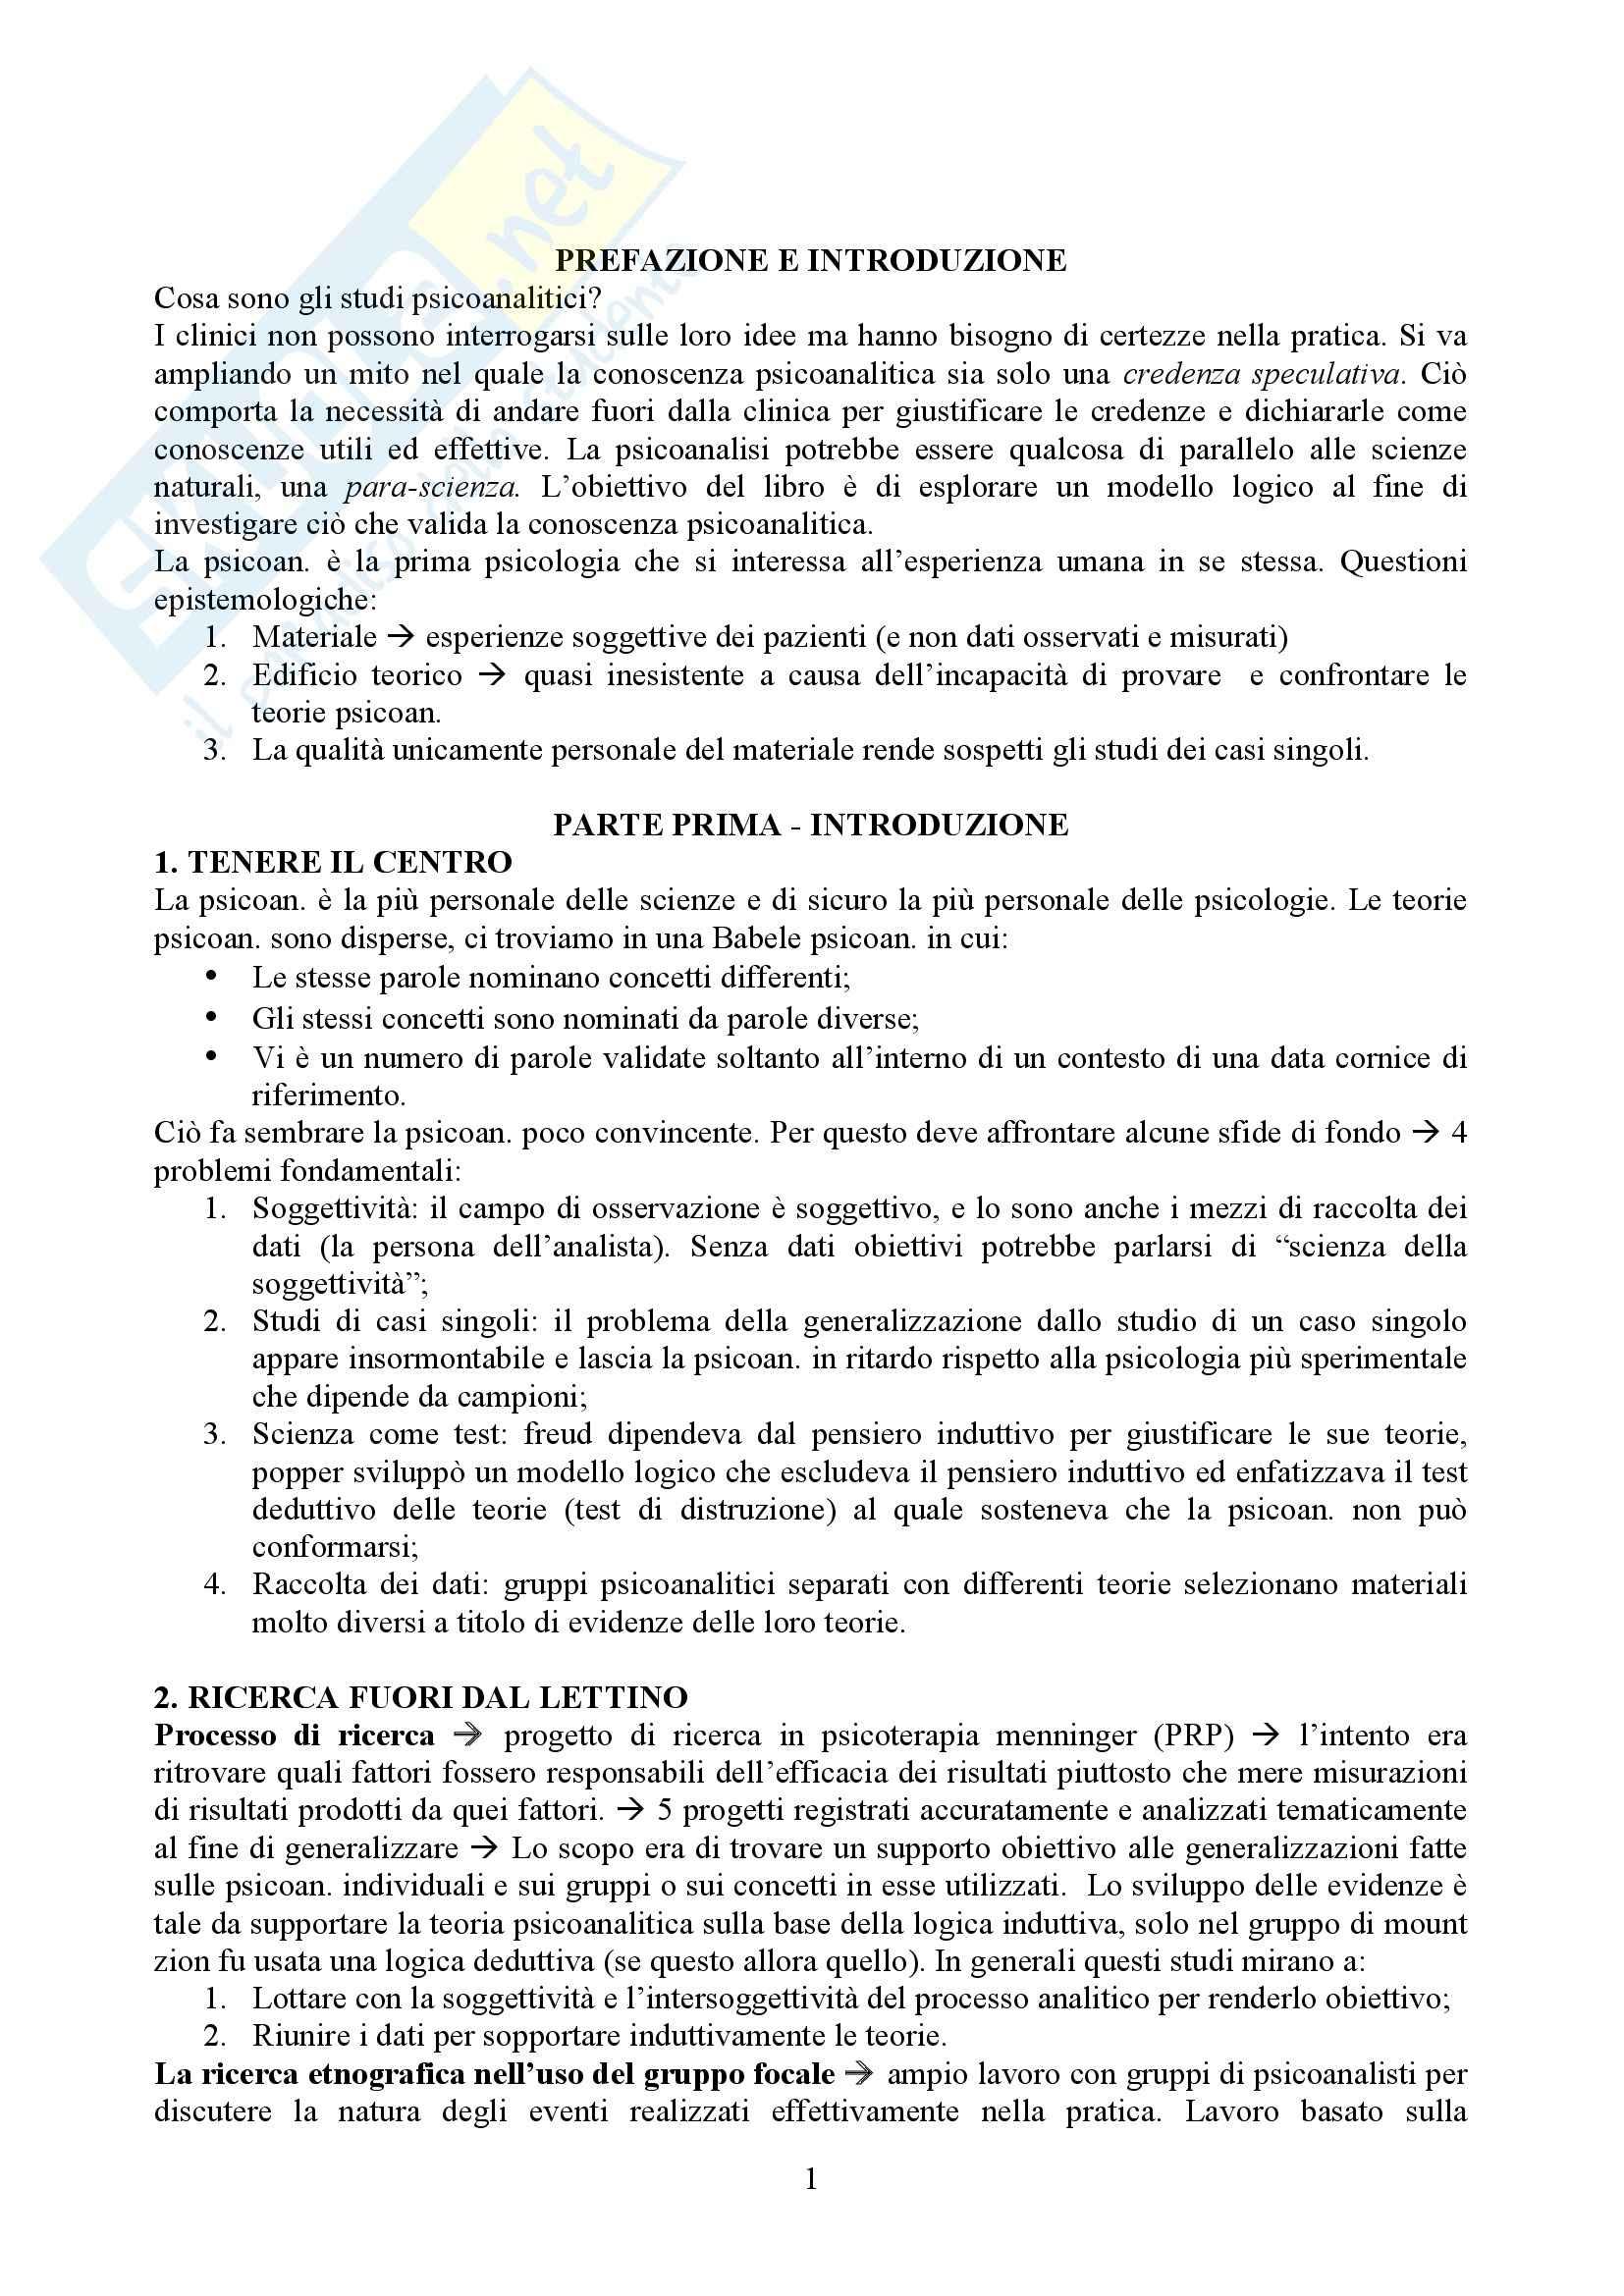 Riassunto esame Psicologia clinica, prof. Marinelli, libro consigliato Ricerca nel setting, Studi sul singolo caso, Hinshelwood